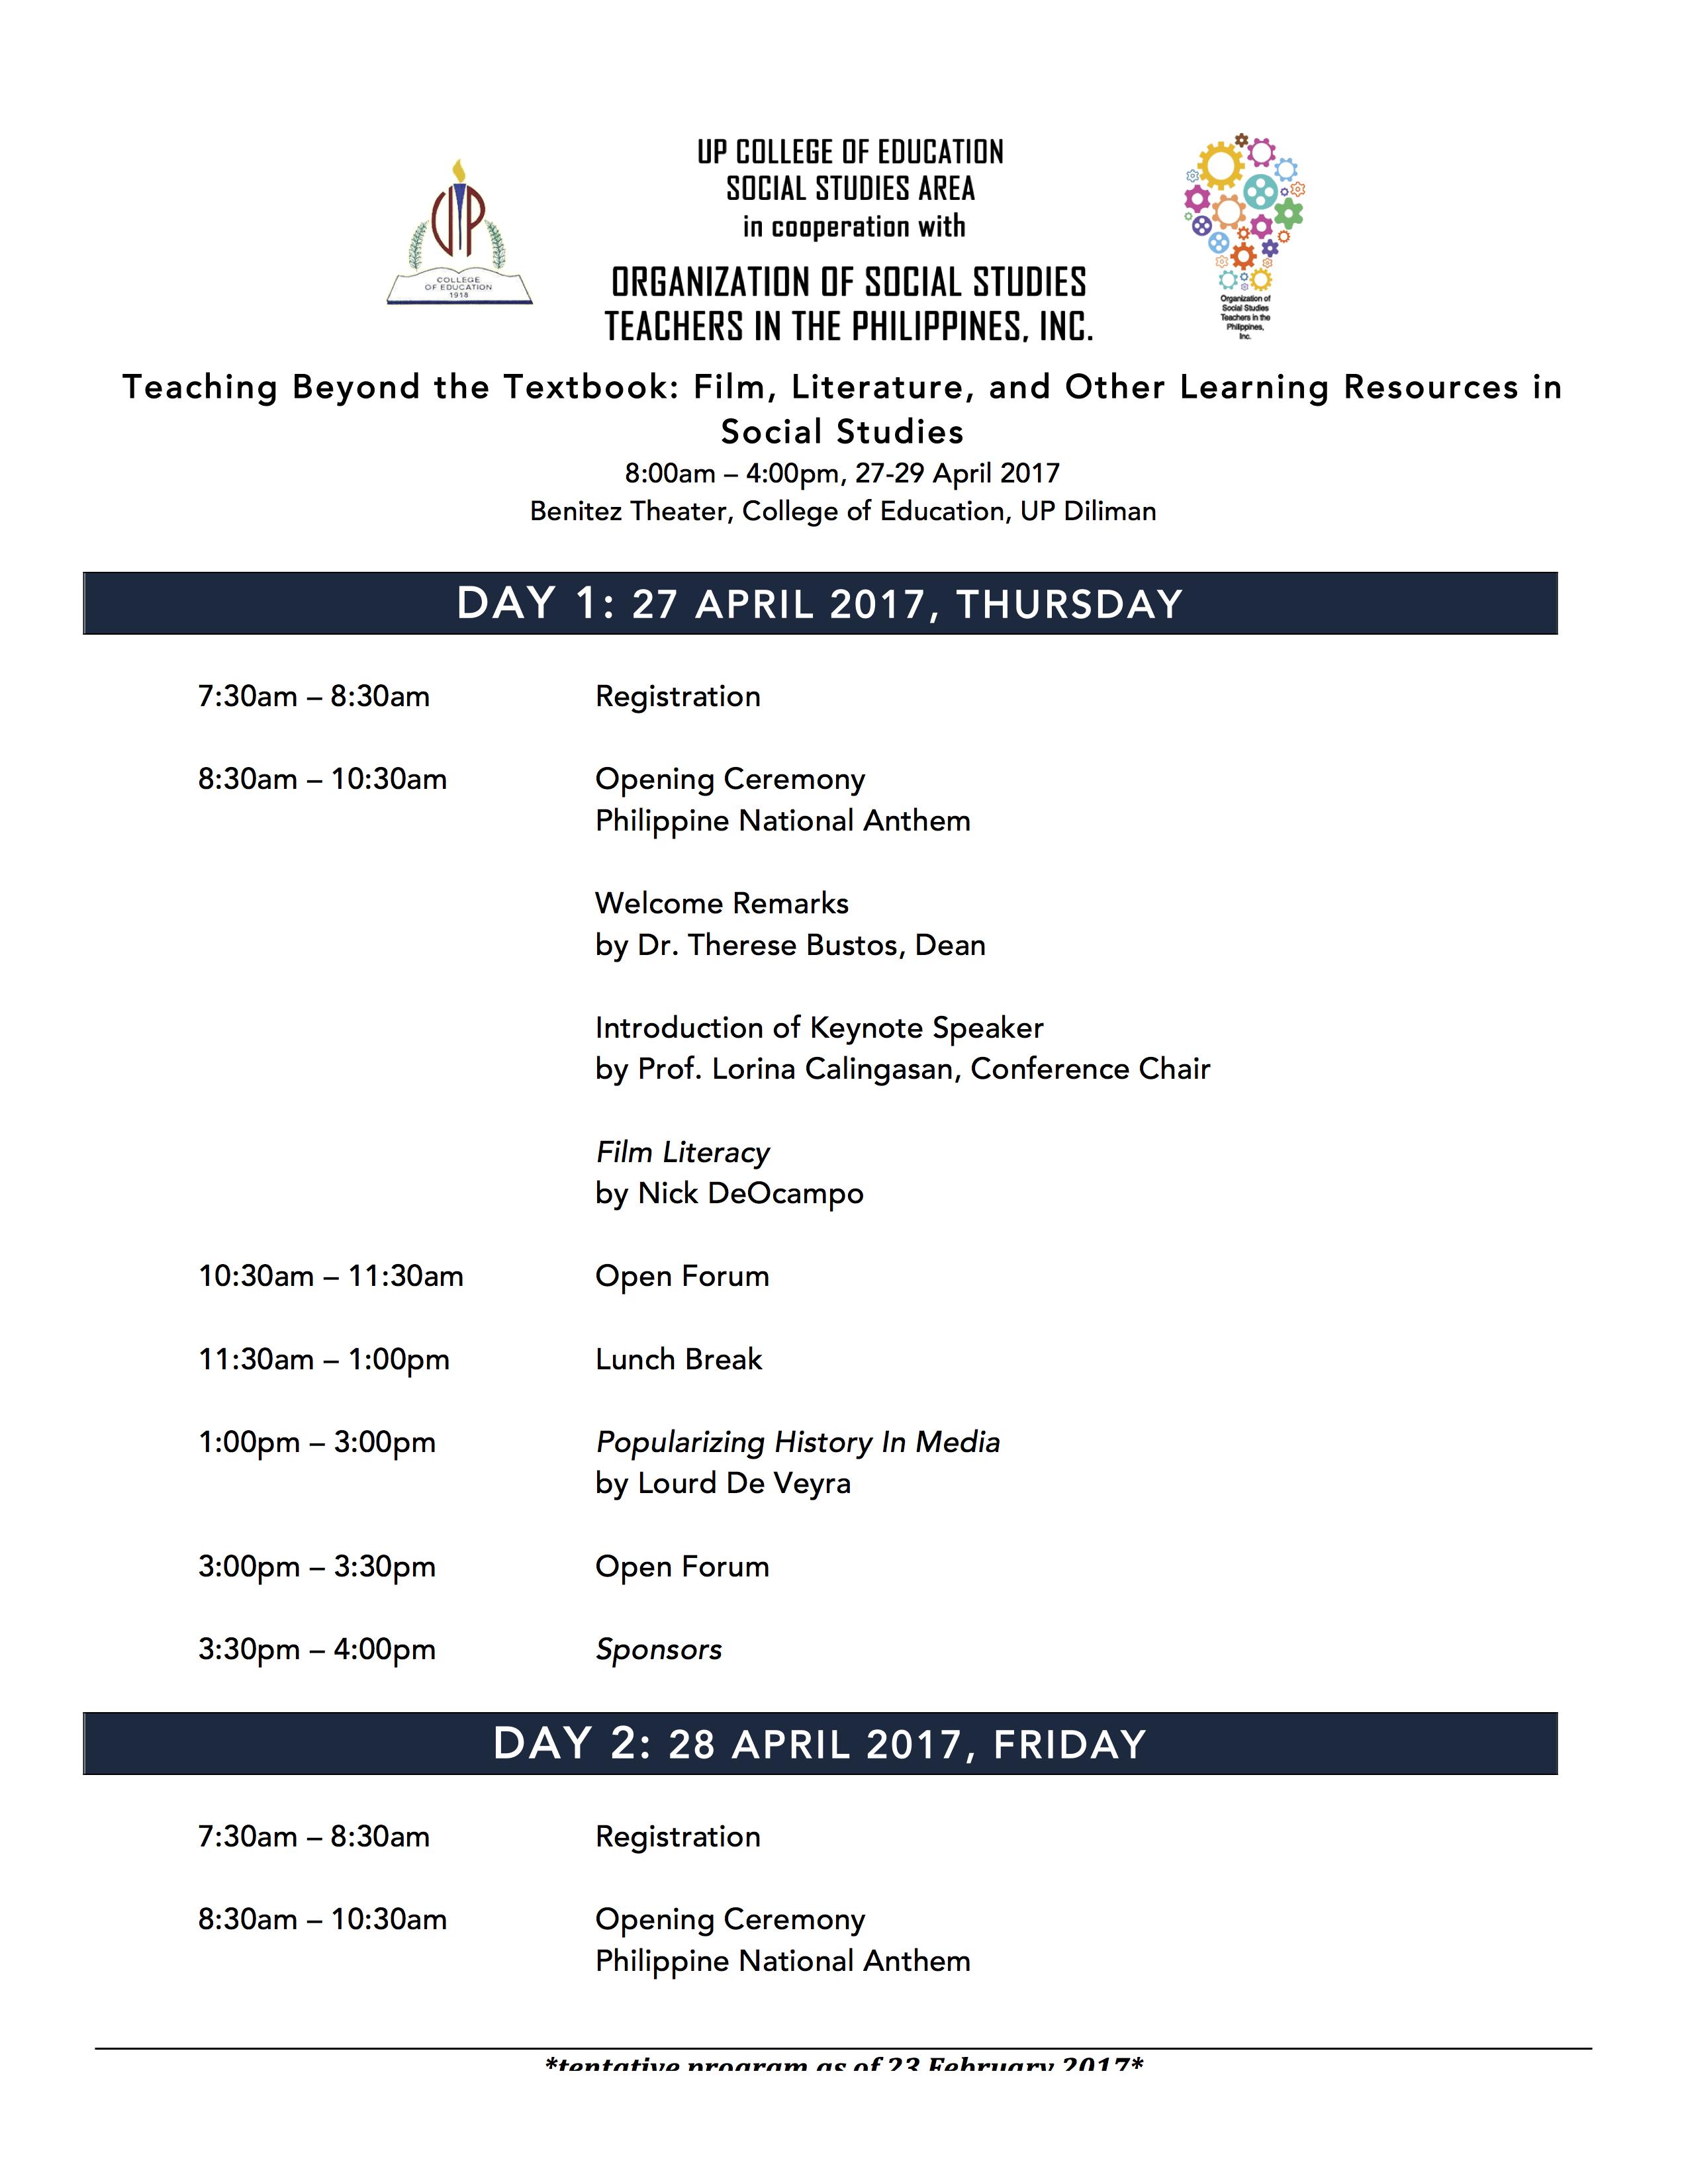 Program As of 23 February 1